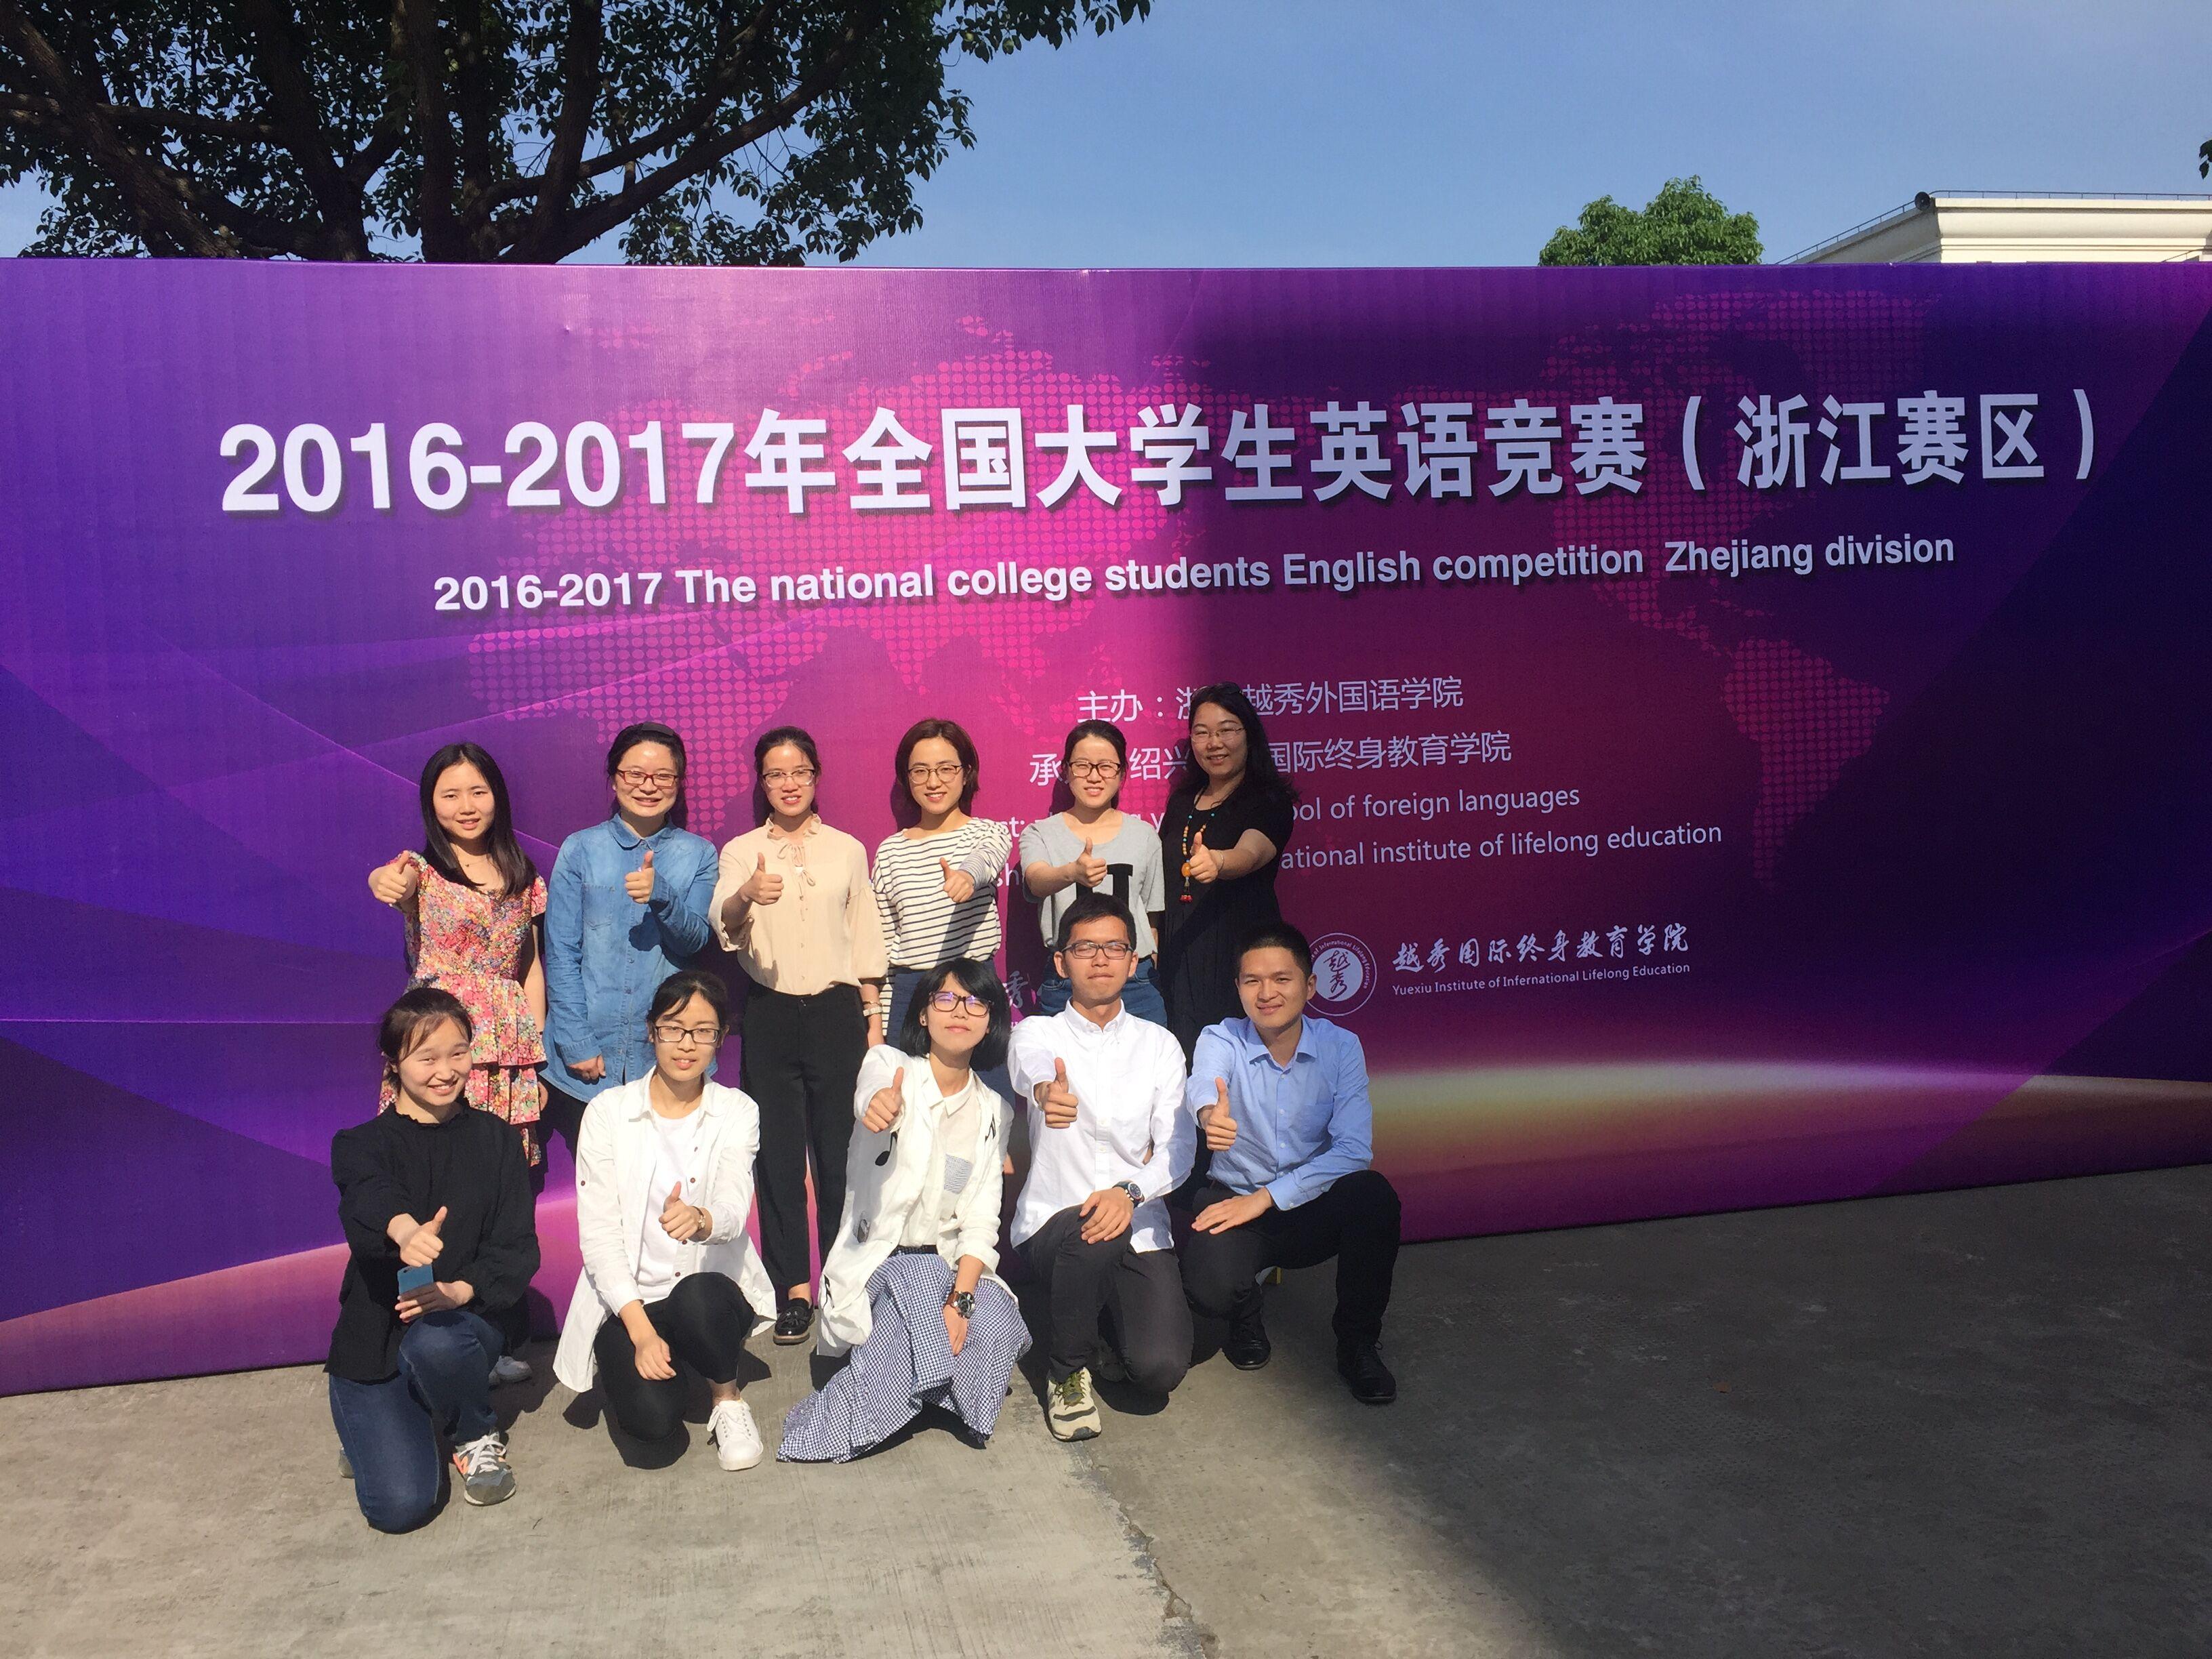 我校学子在2017年全国大学生英语竞赛中喜获佳绩图片